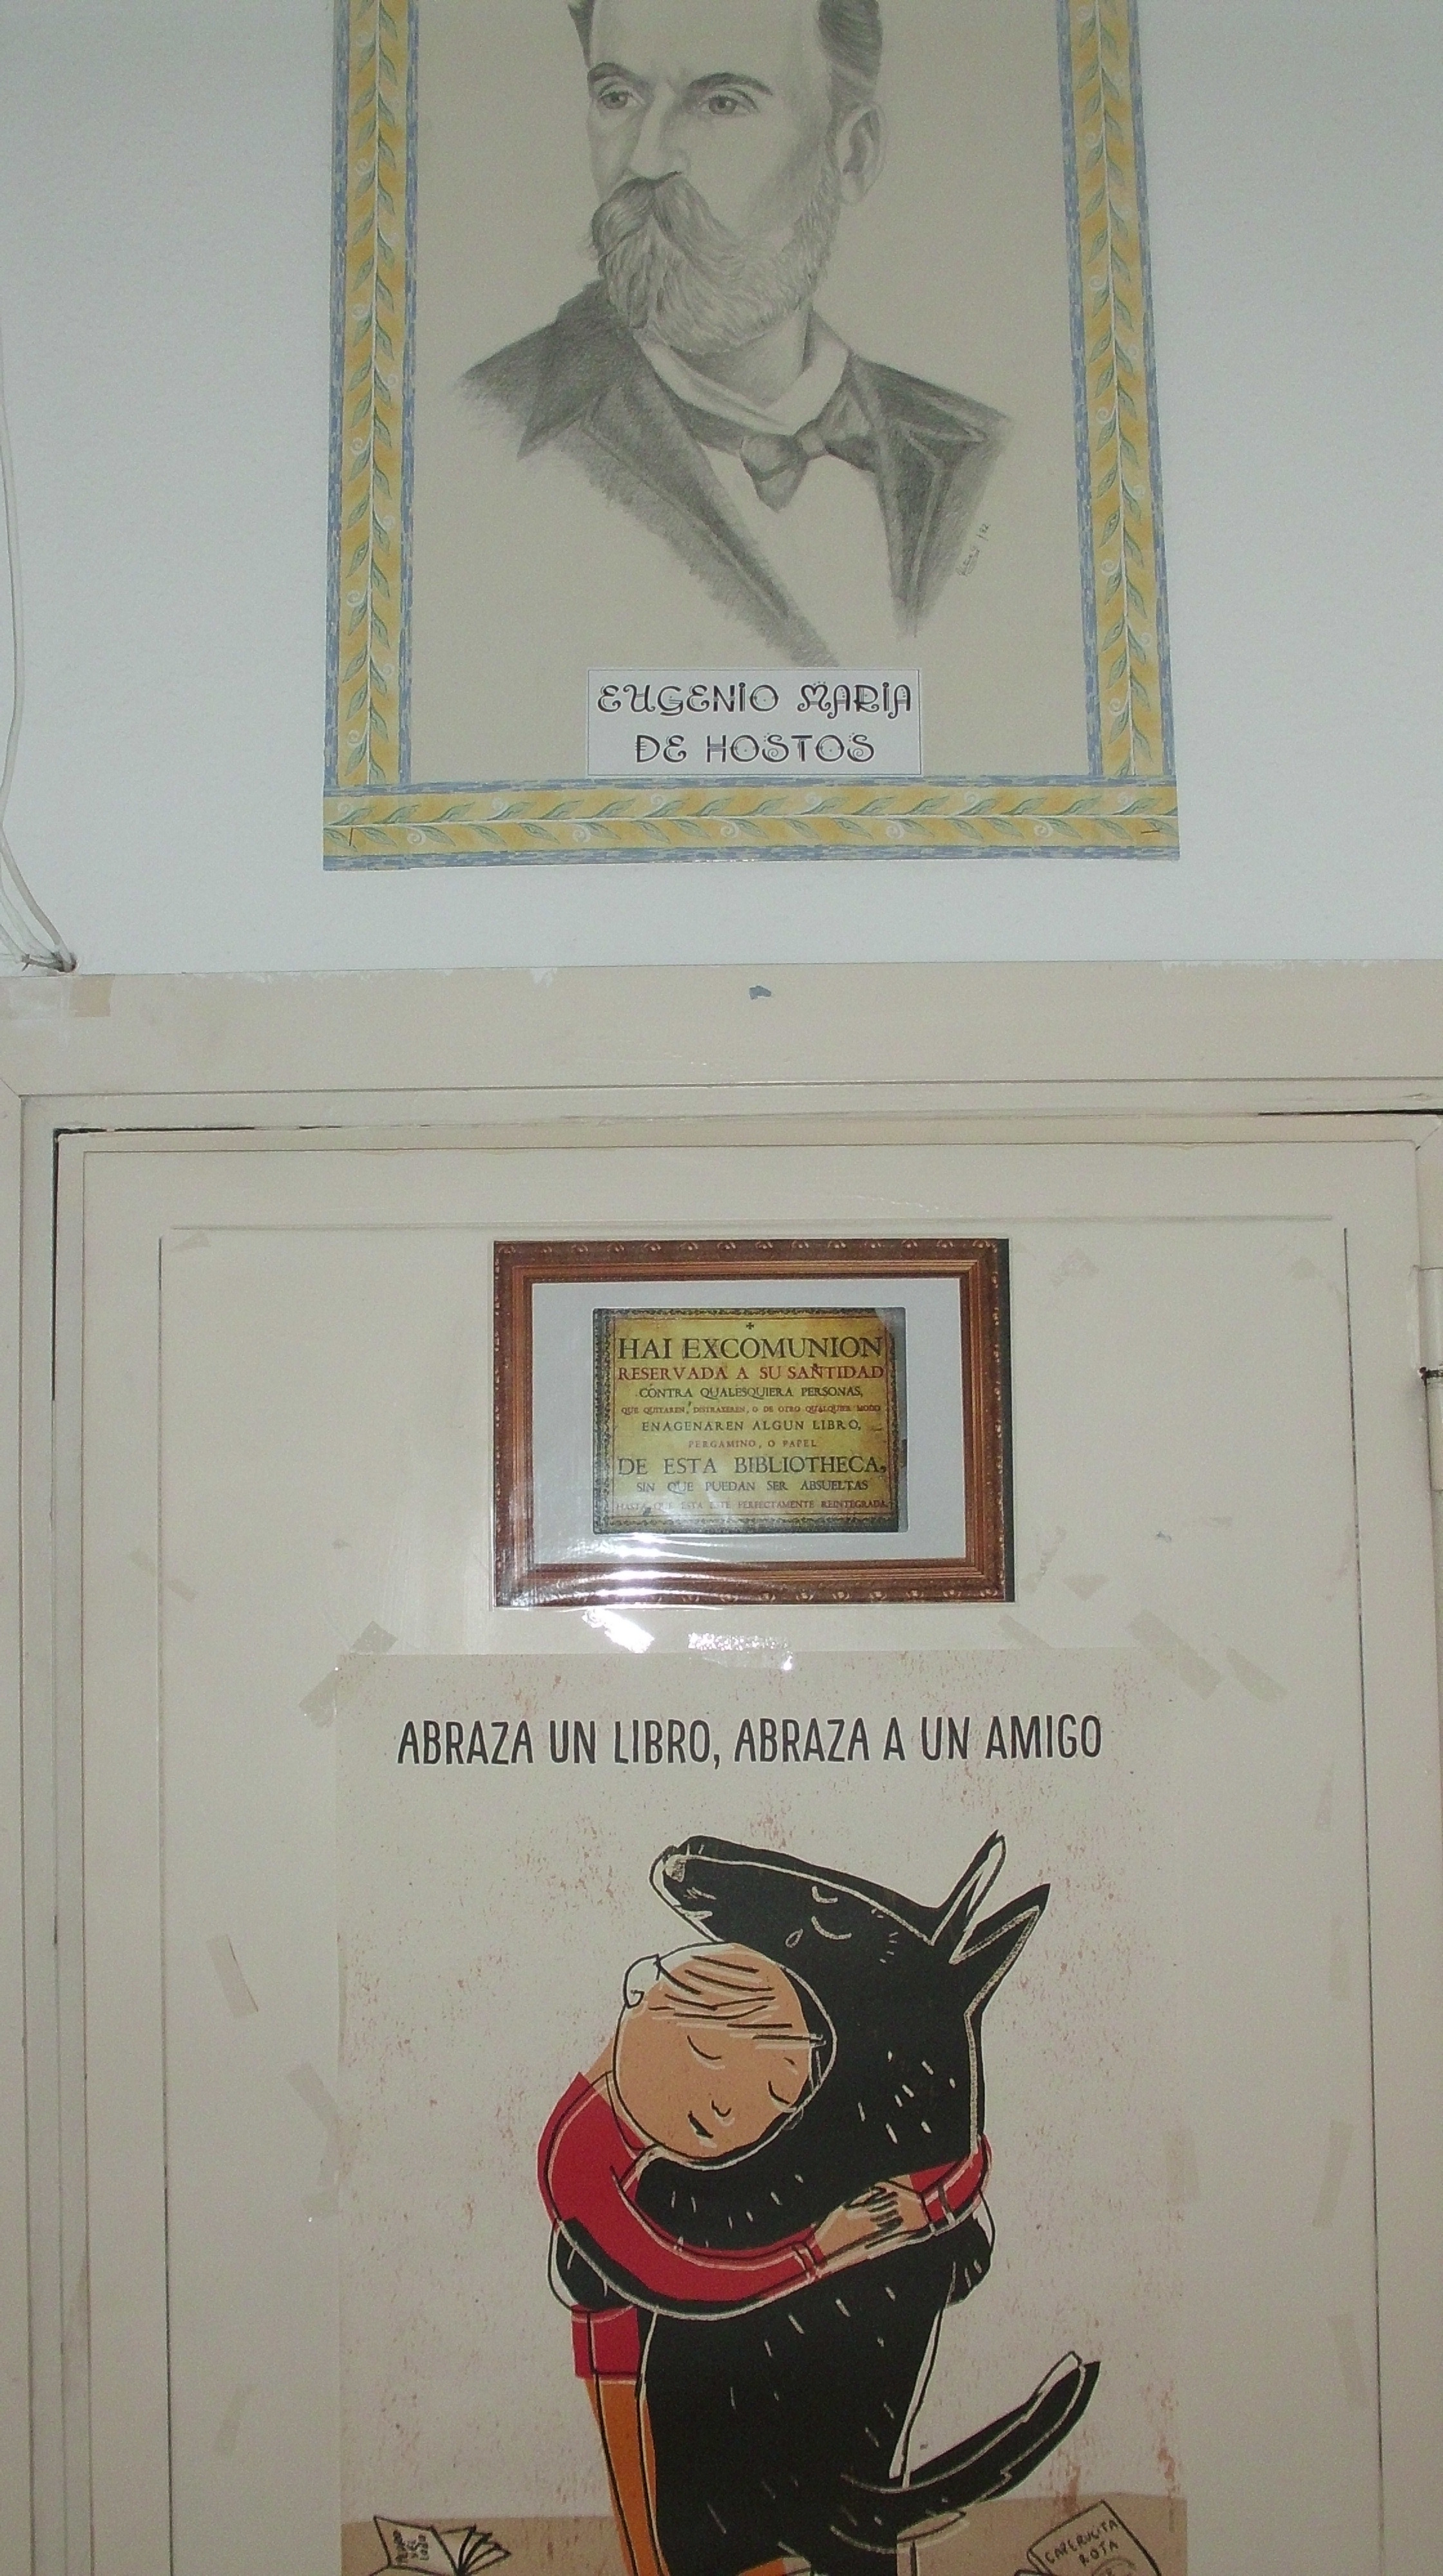 DÍA DEL LIBRO. FIESTA DE LAS PALABRAS BONITAS 12